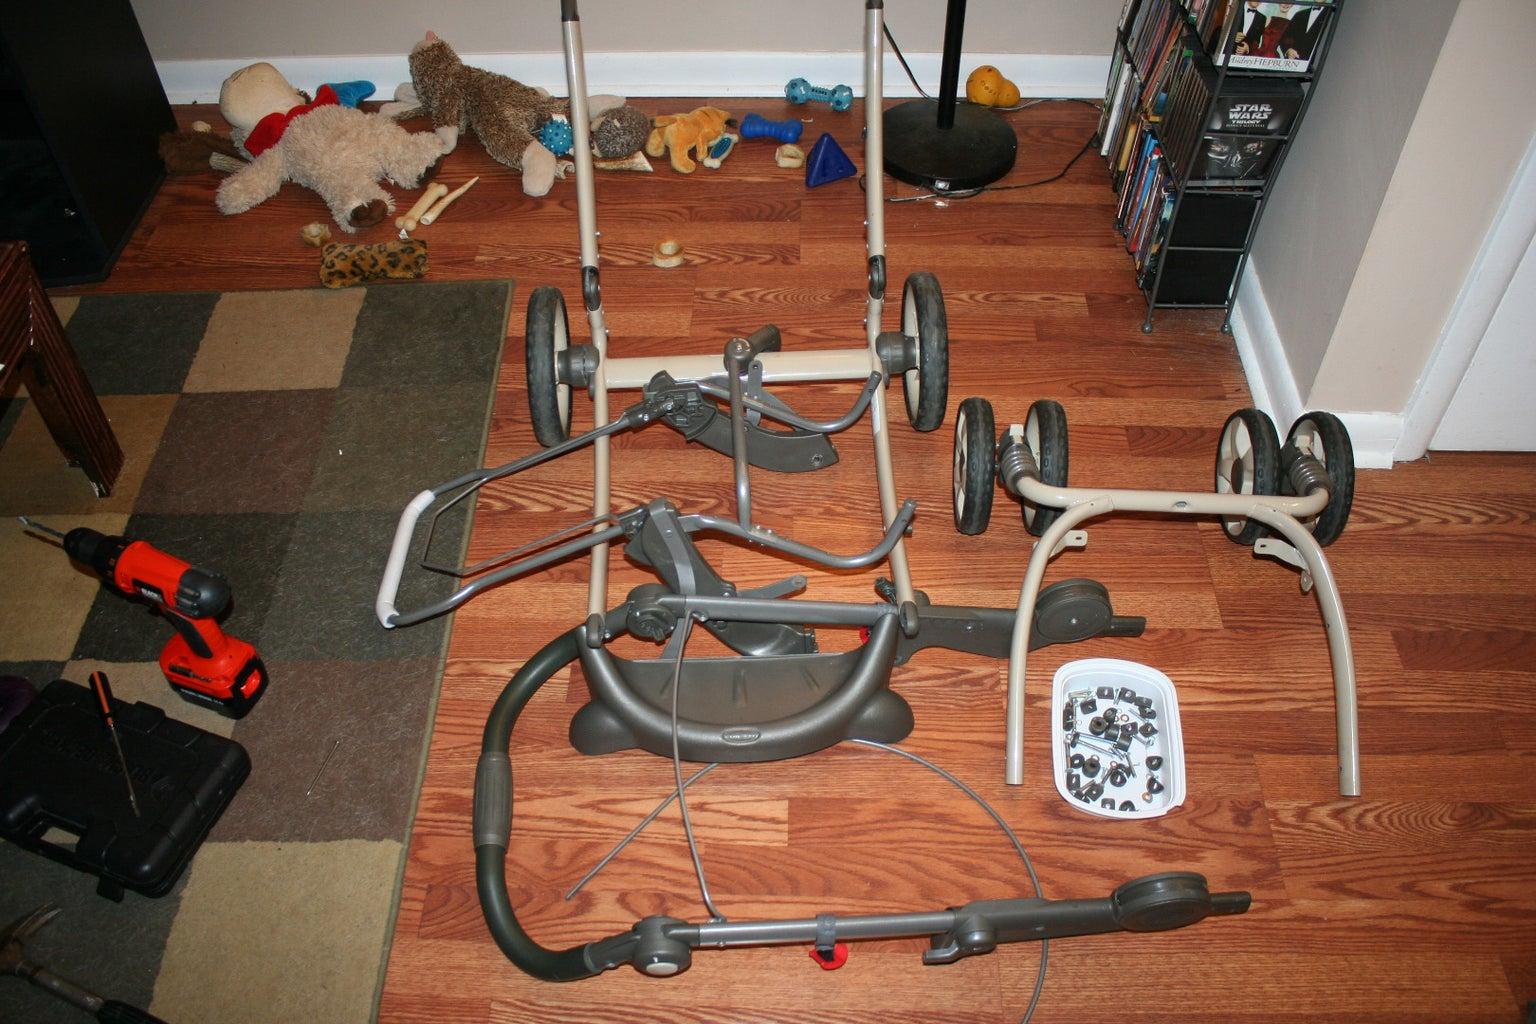 Step 1: Disassembling the Stroller